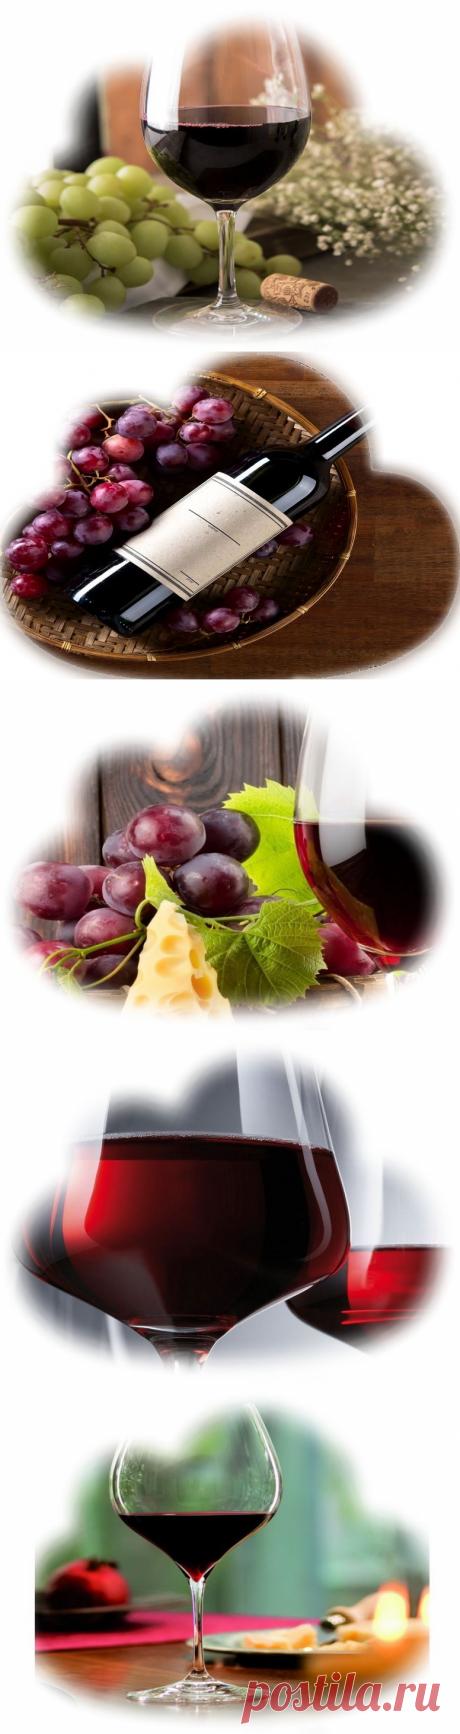 Что значит сон, в котором приснилось красное вино Сонник – К чему снится красное вино?